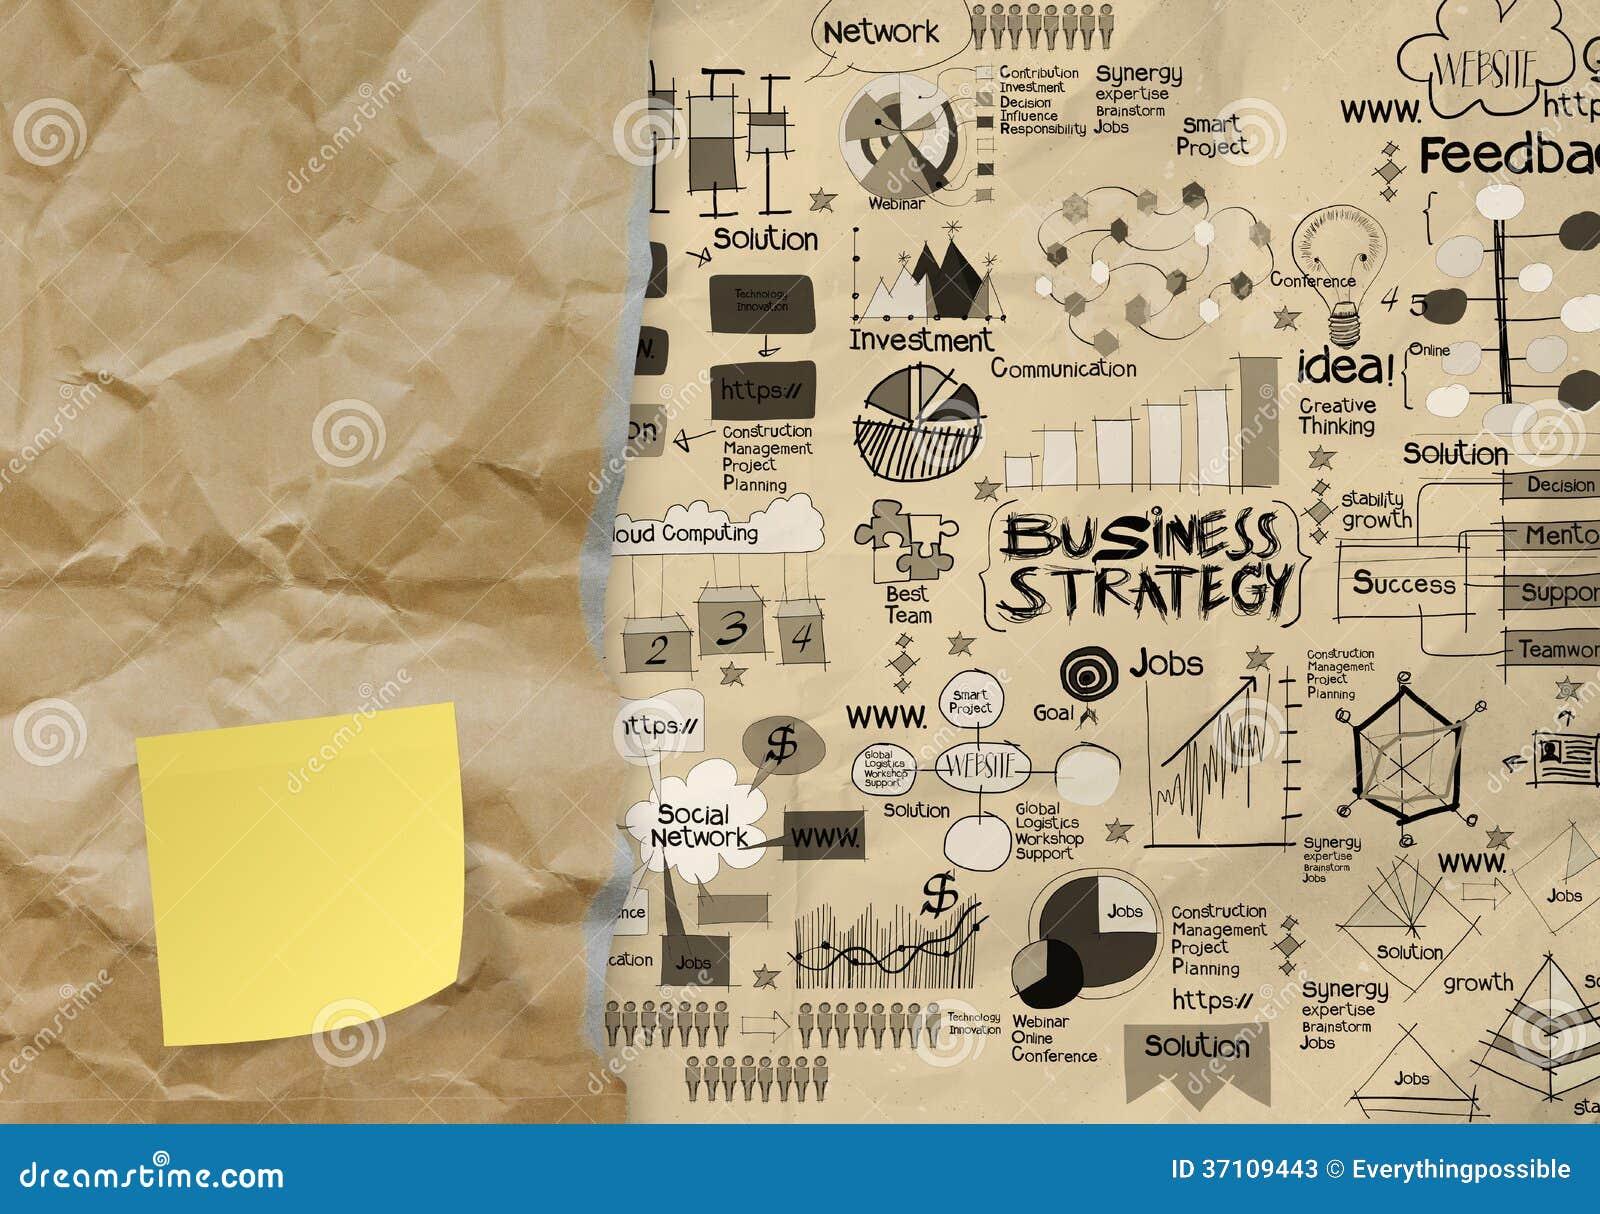 Επιχειρησιακή στρατηγική στο τσαλακωμένο υπόβαθρο φακέλων εγγράφου